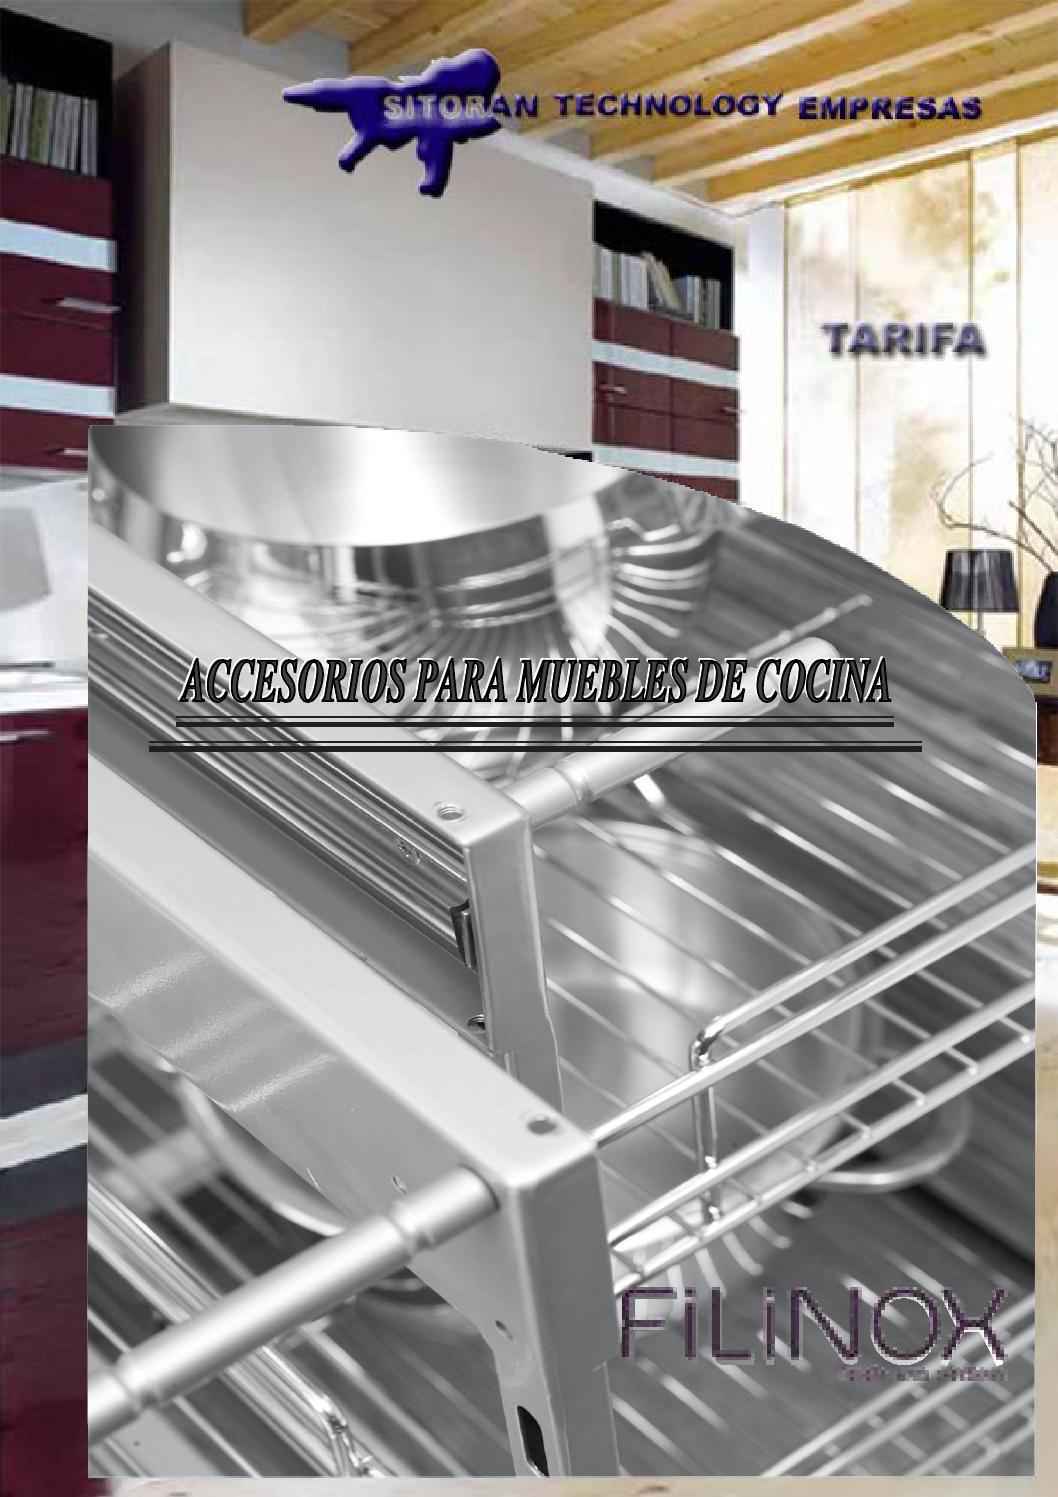 Tarifa accesorios para muebles de cocina 2014 by sitoran - Muebles accesorios cocina ...